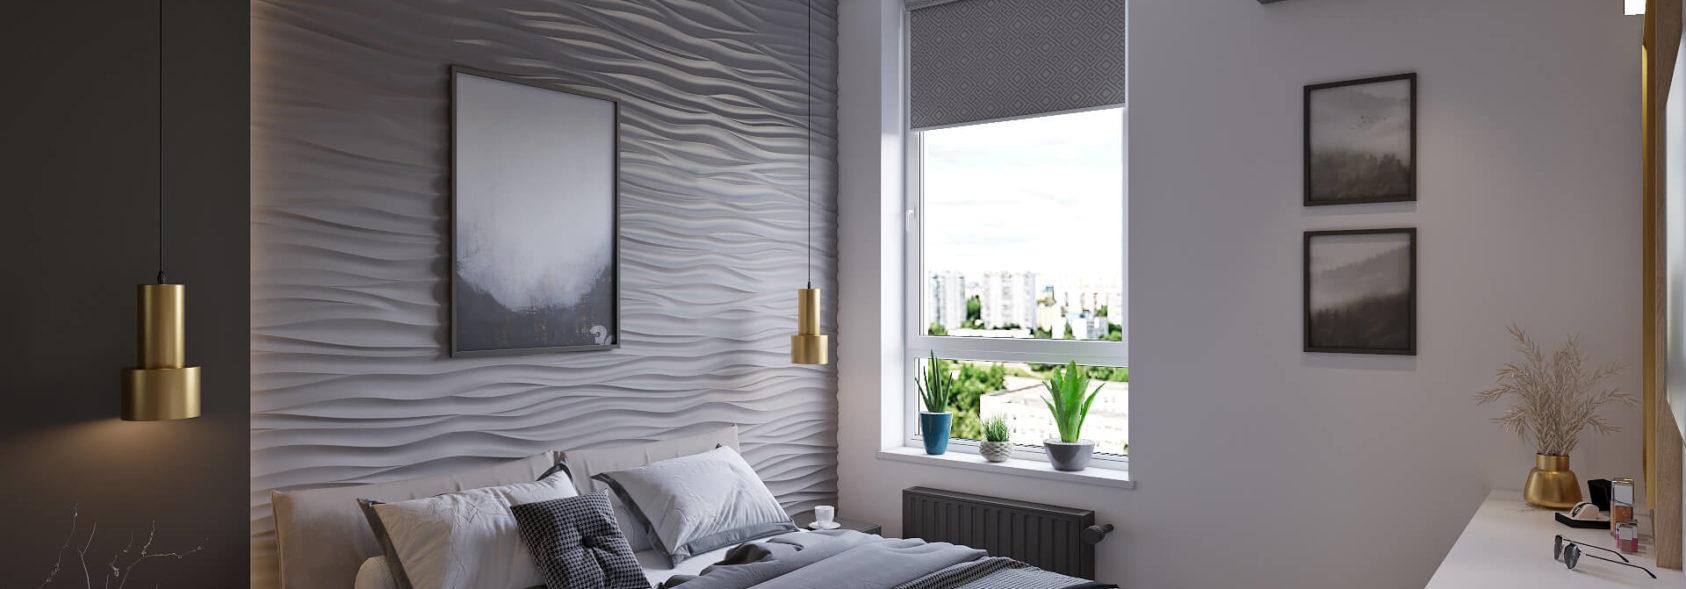 Дизайн трехкомнатной квартиры Киев спальня